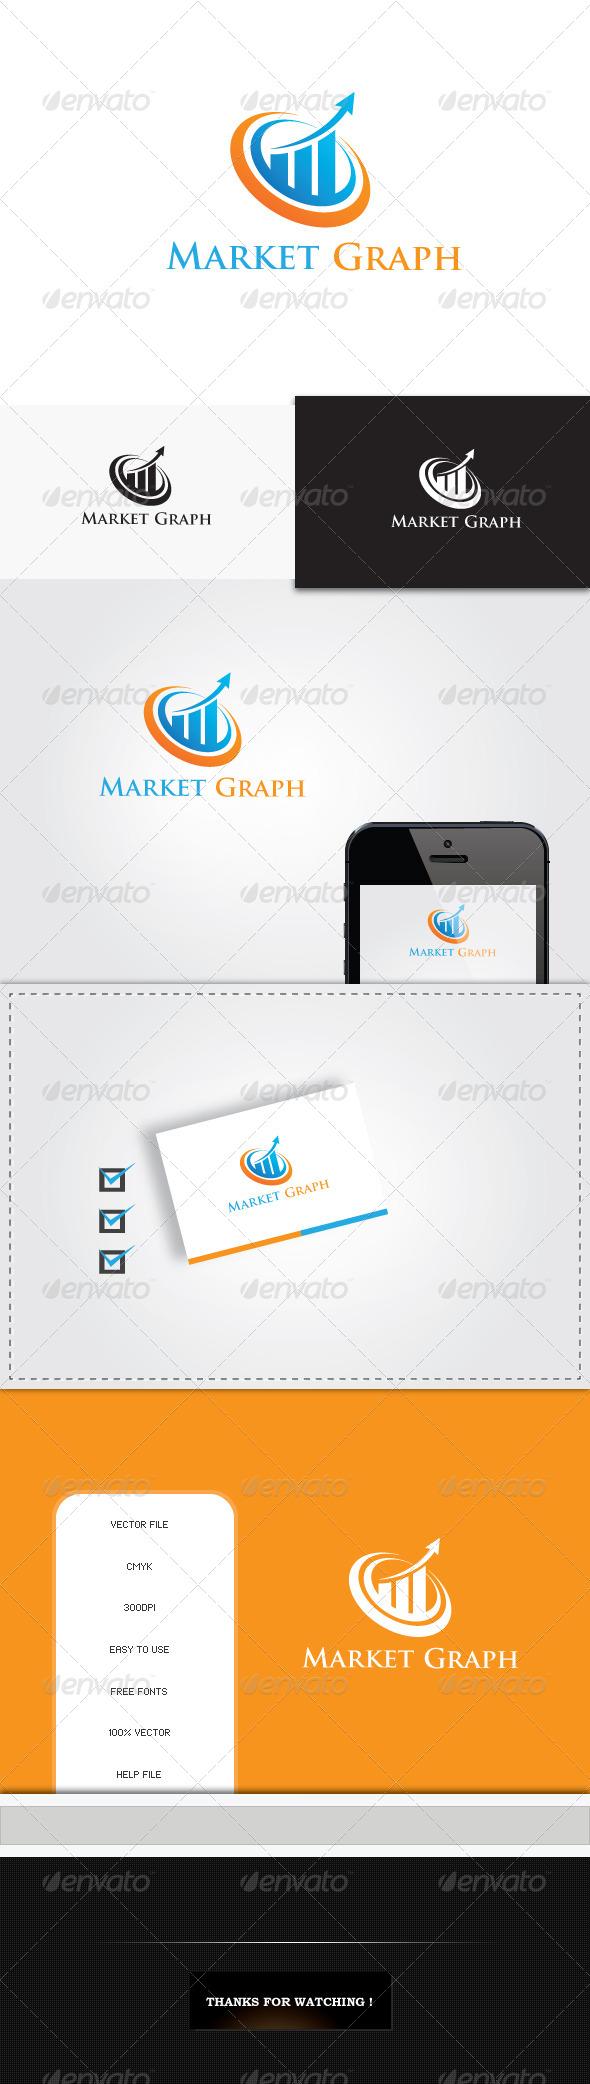 GraphicRiver Market Graph Logo Template 5543657